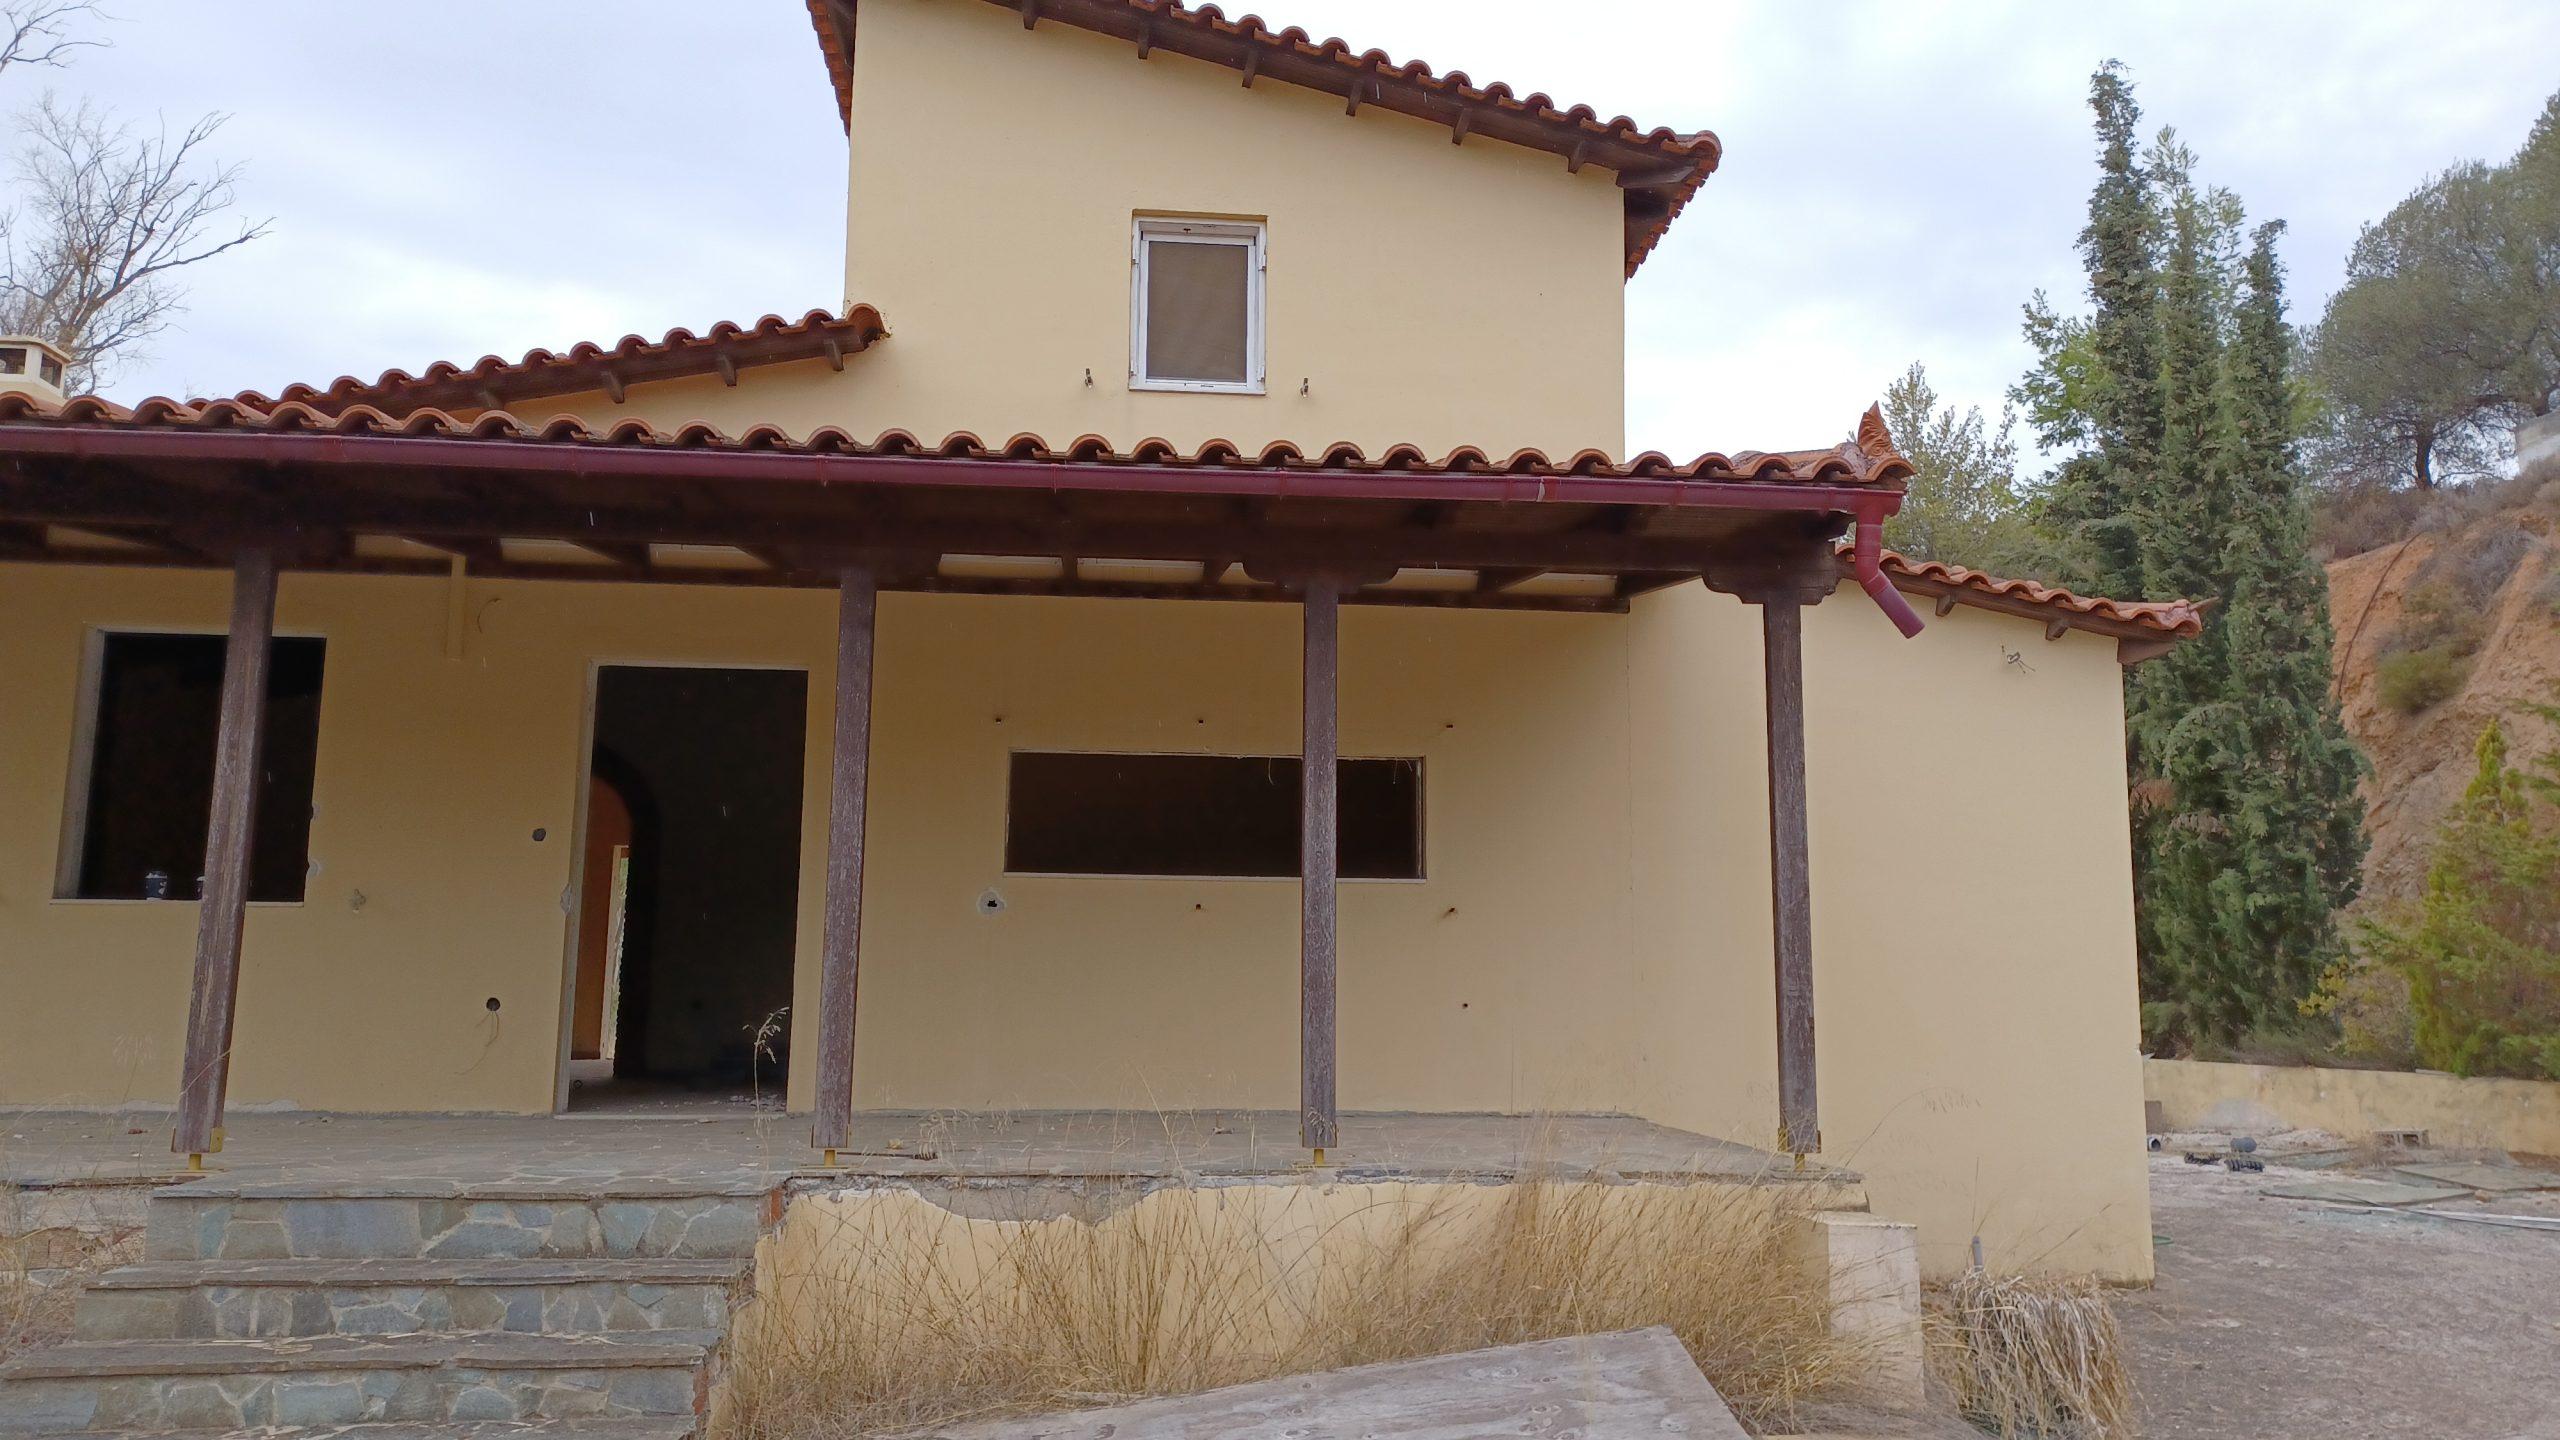 Μονοκατοικία 130 τ.μ στο Βοχαικό 72.000 ευρώ ΚΩΔ.7081